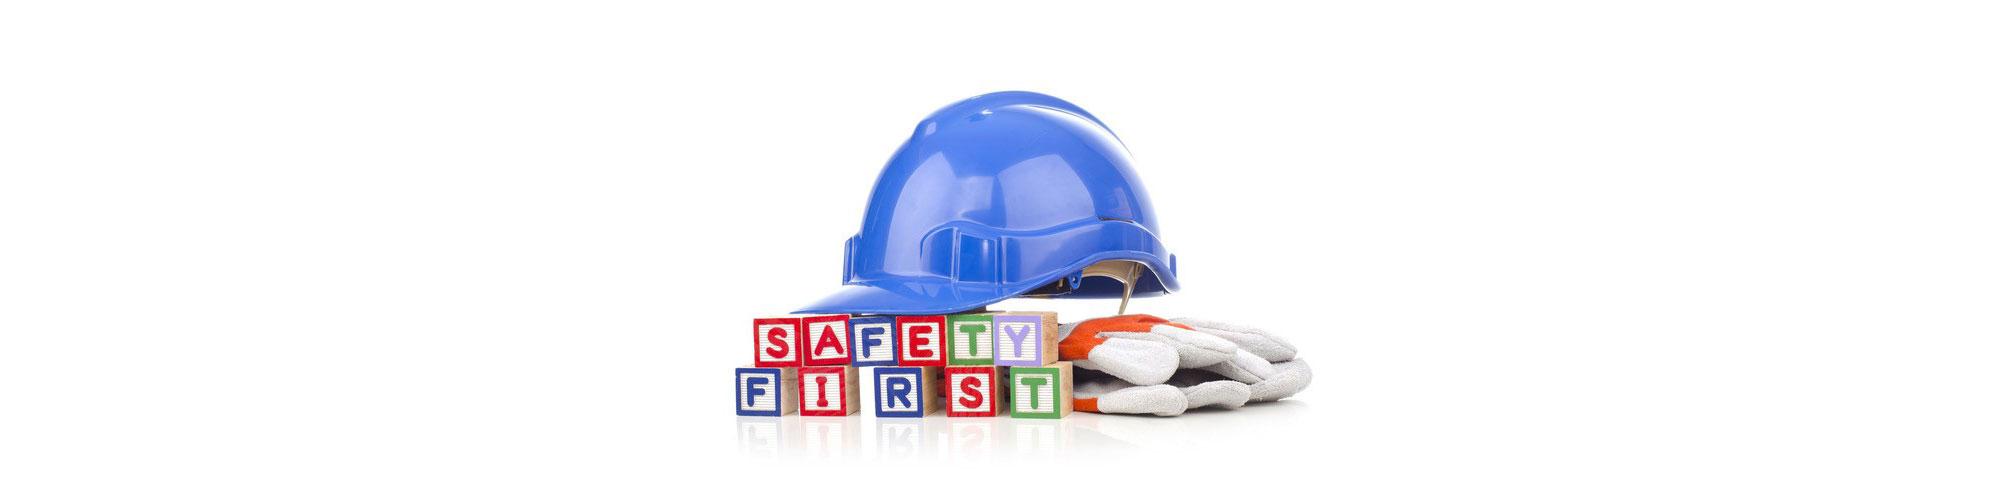 Veiligheidsartikelen